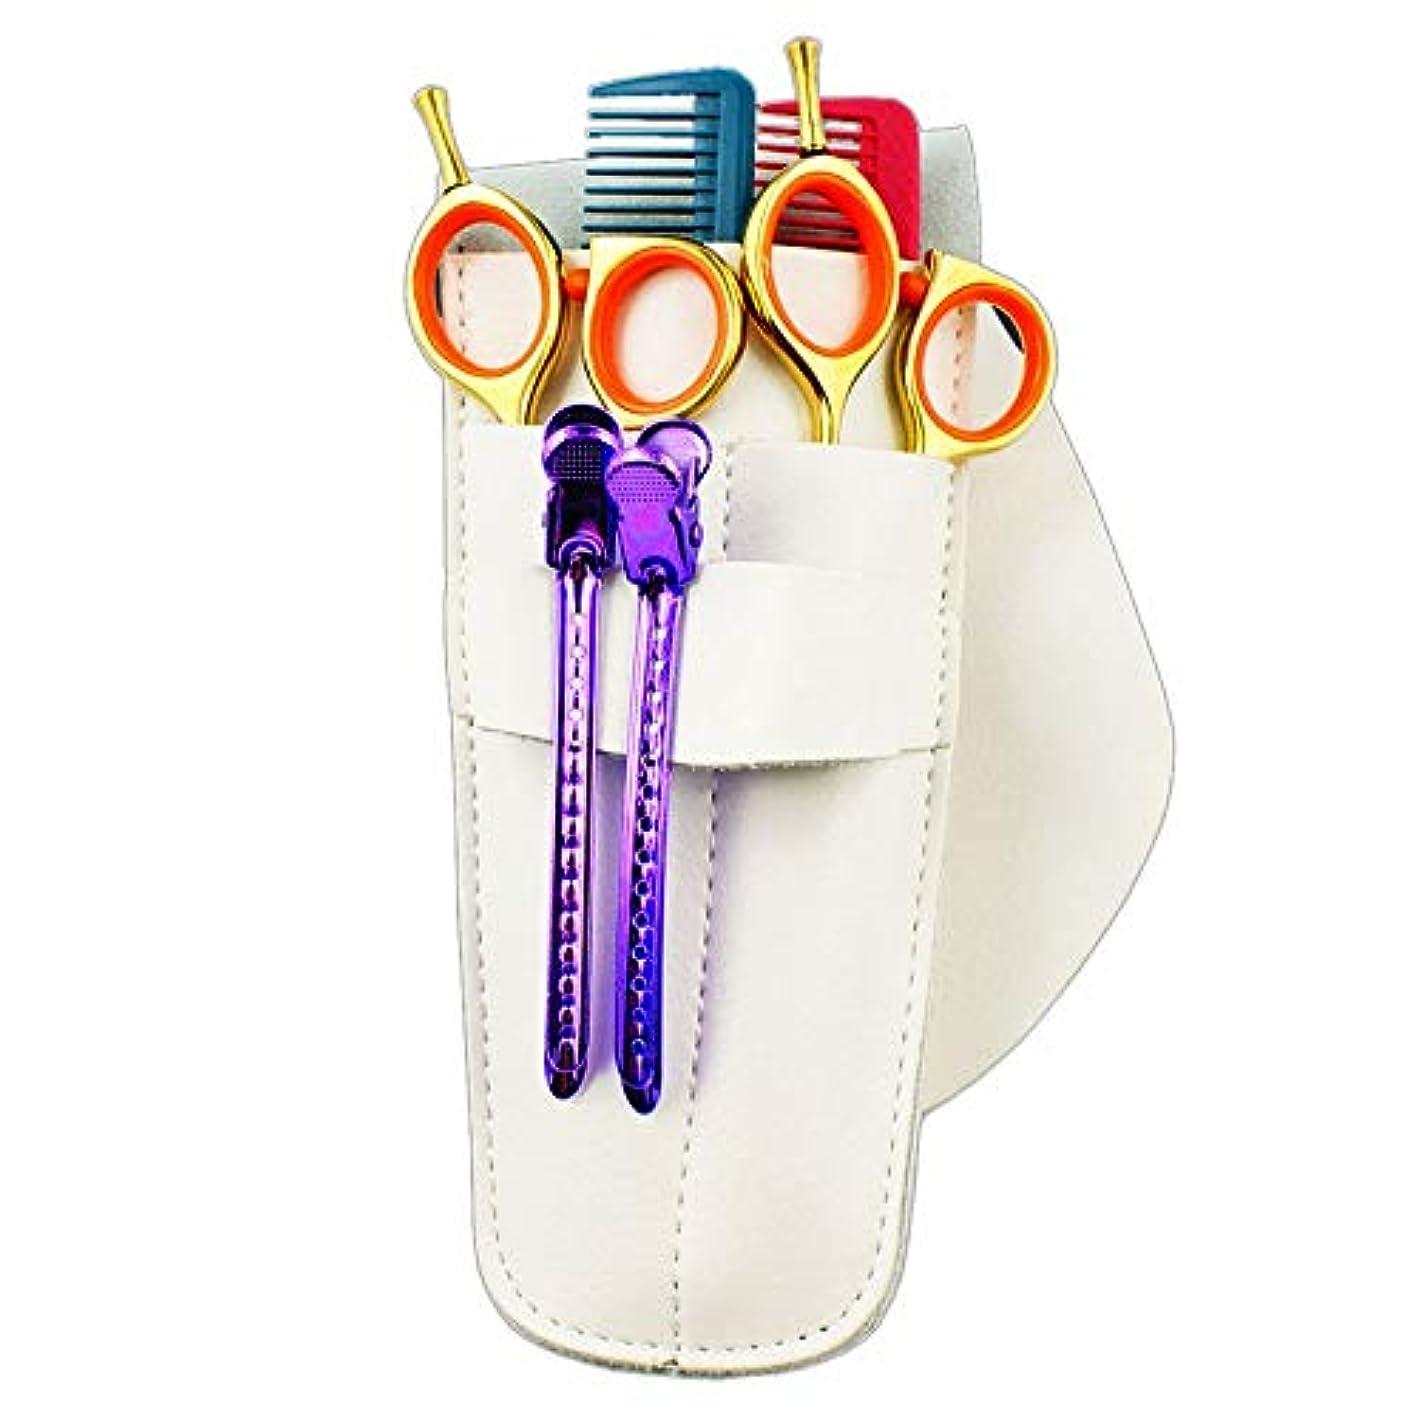 通行料金先いつもBeaty Tool Storagerレザーヘアスタイリストホルスターポーチ理髪はさみくしクリップバッグ ヘアケア (色 : ホワイト)